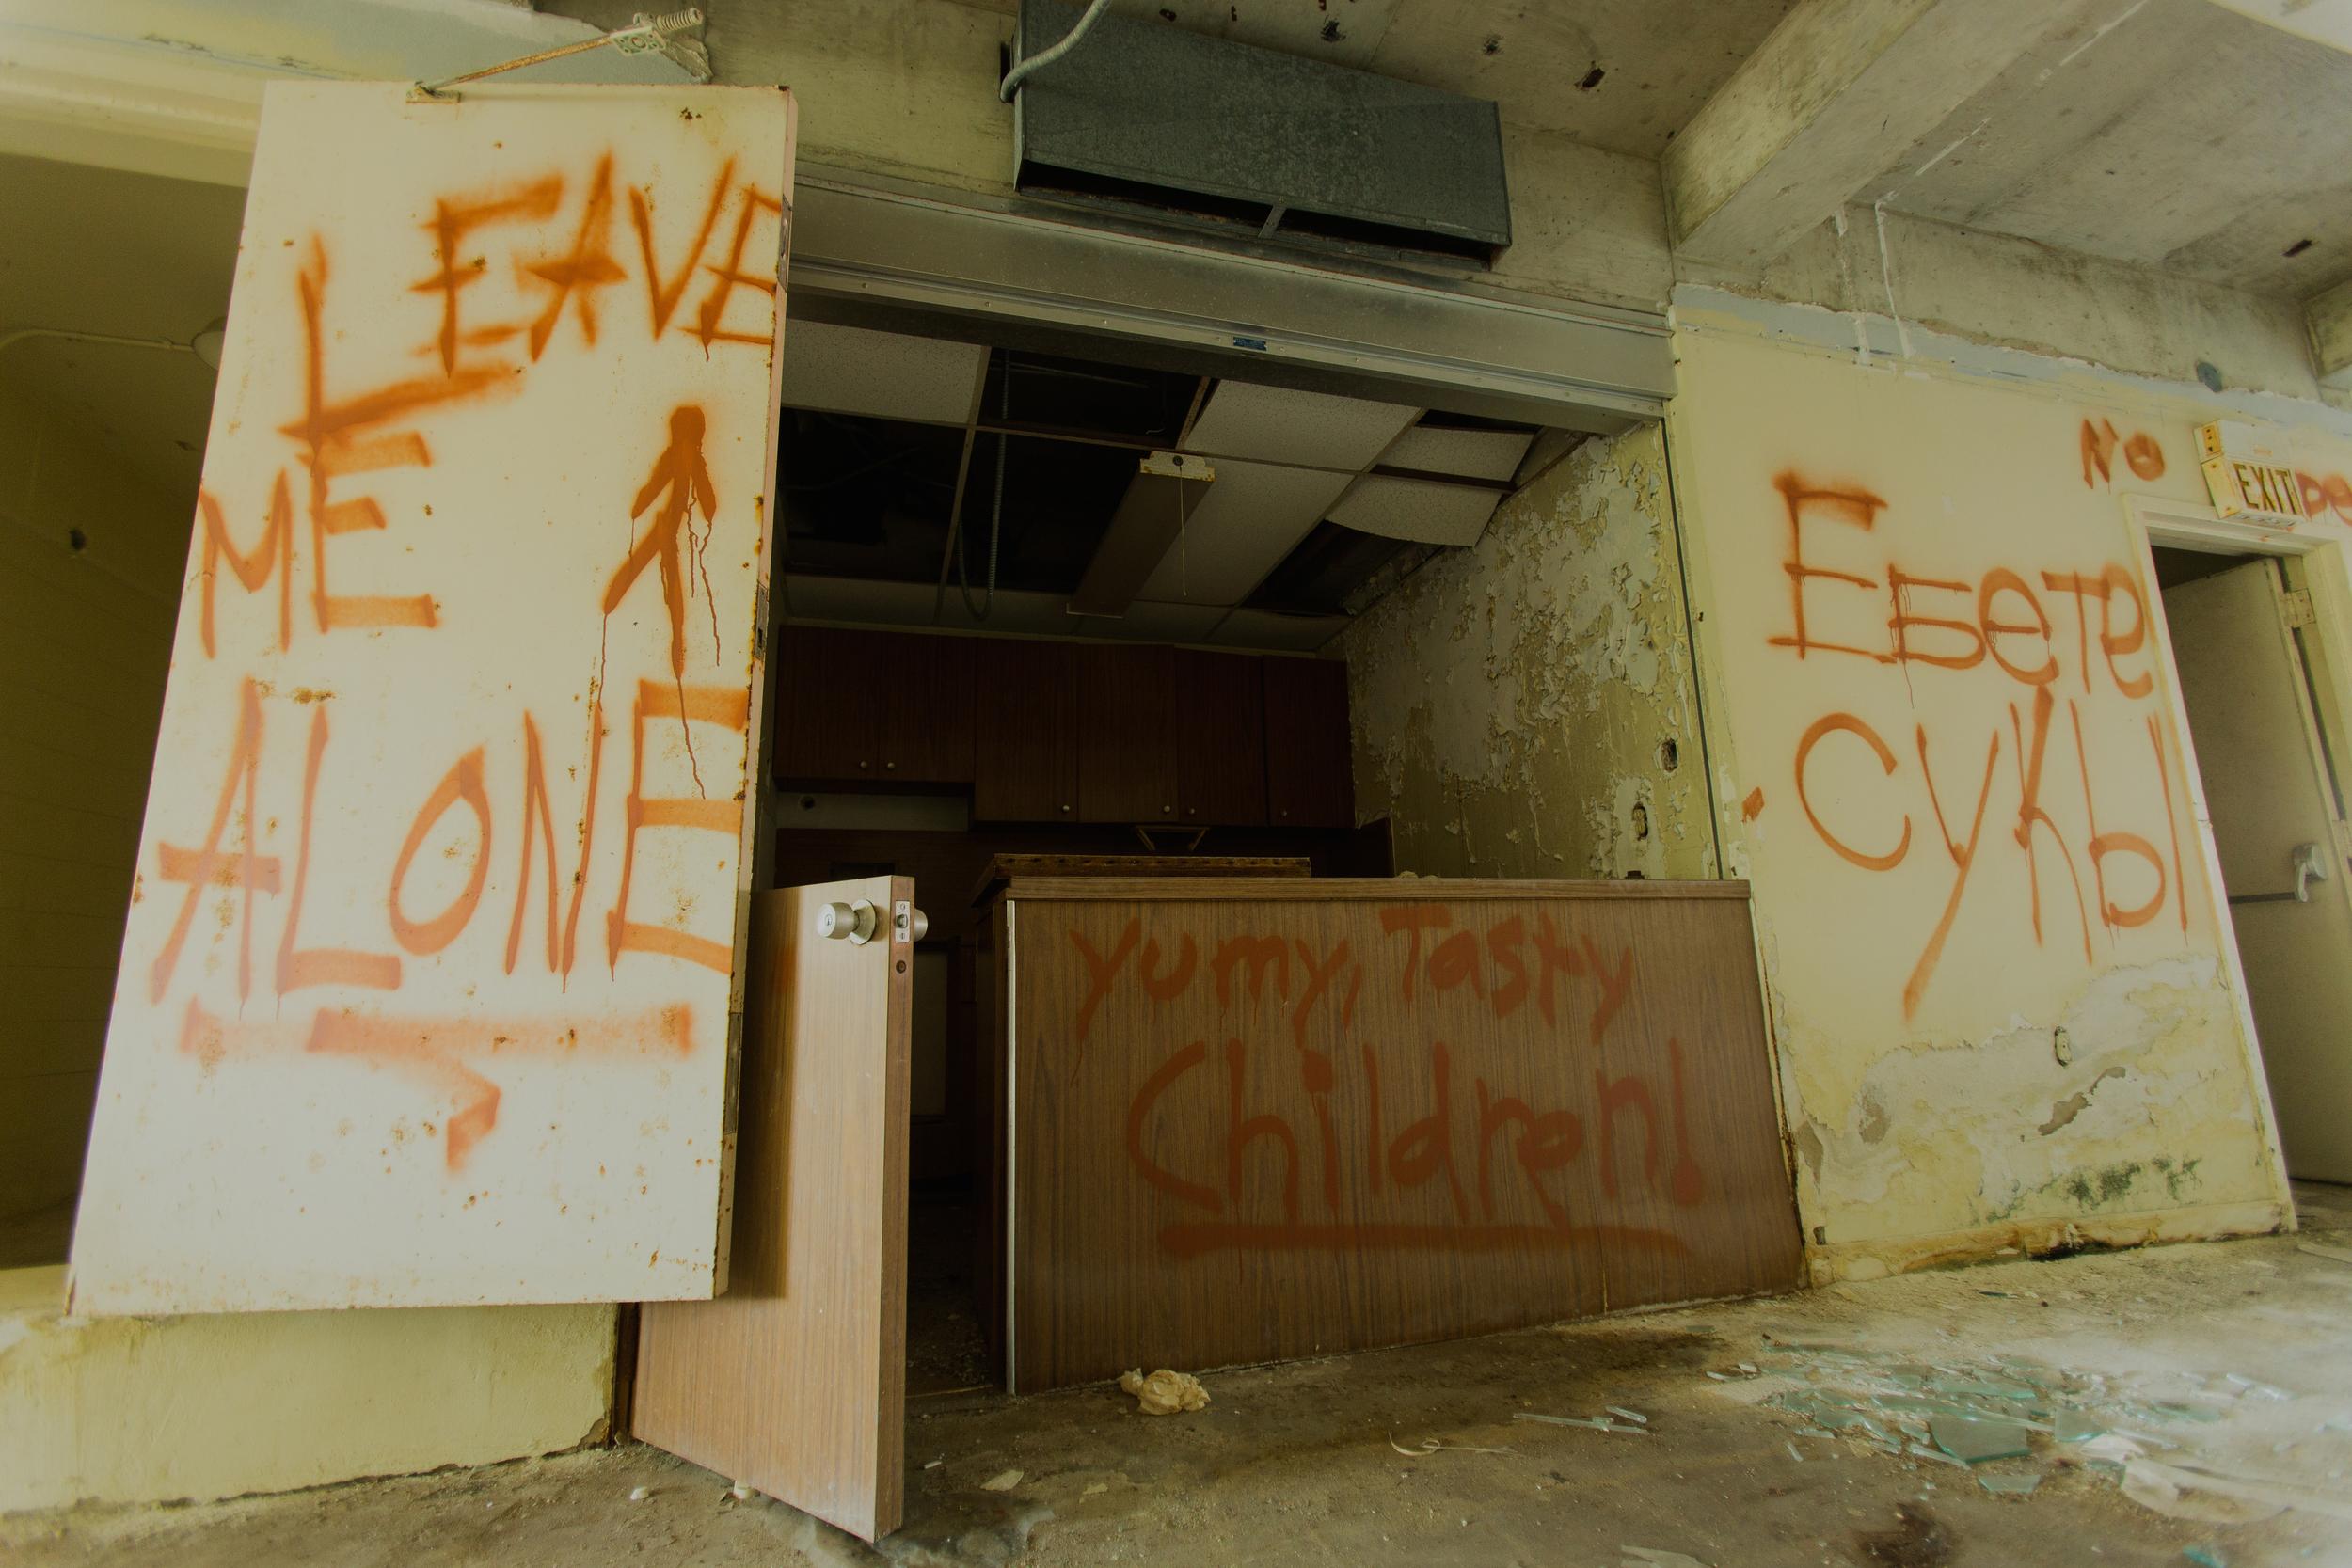 Glass Bank Graffiti